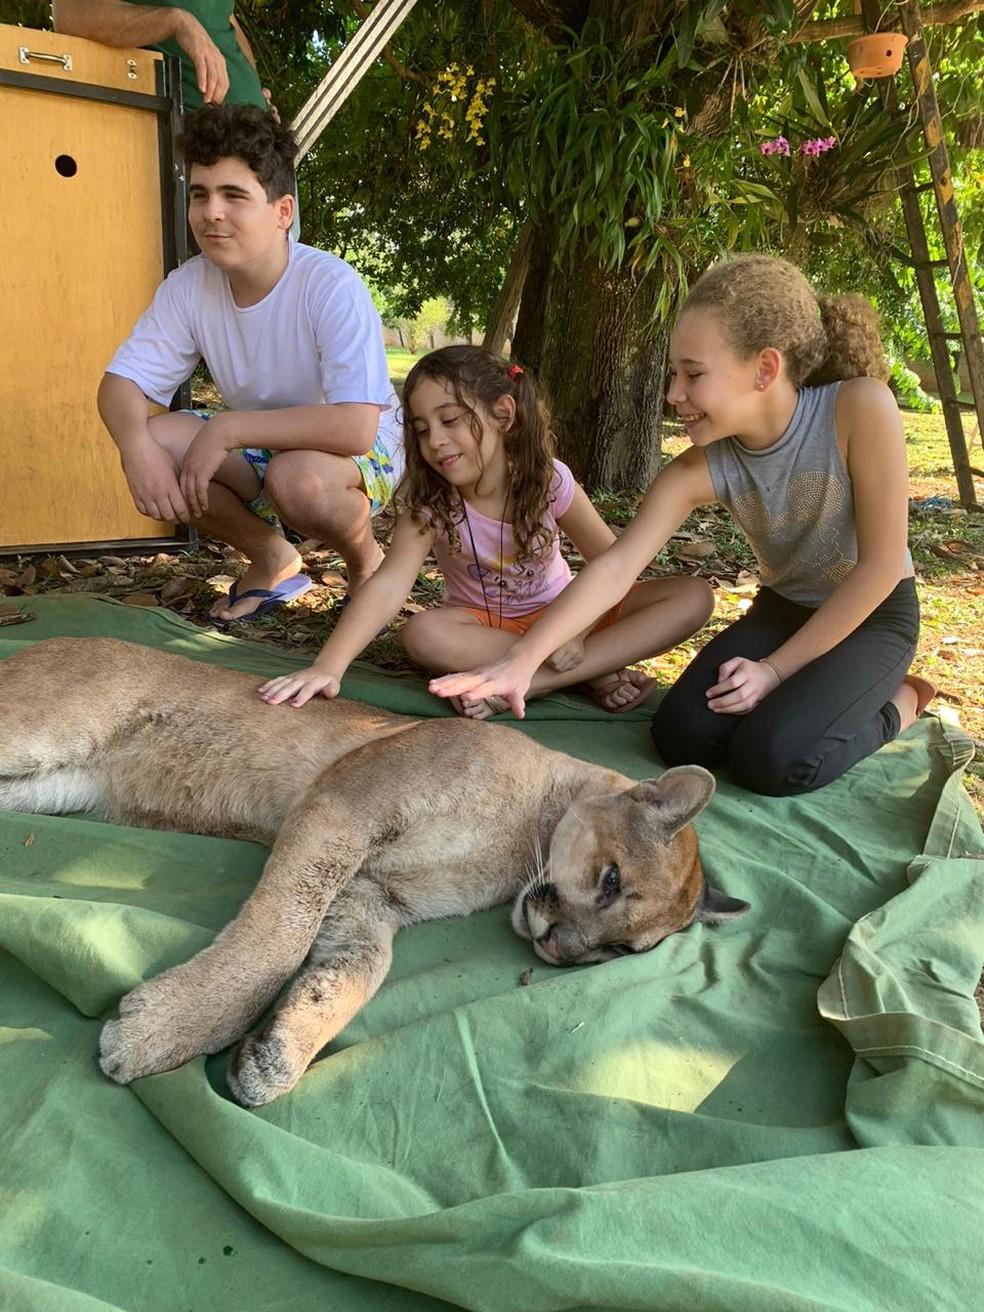 Crianças acompanharam o processo de captura do felino — Foto: Maria Lúcia Mattoso/VC no TG